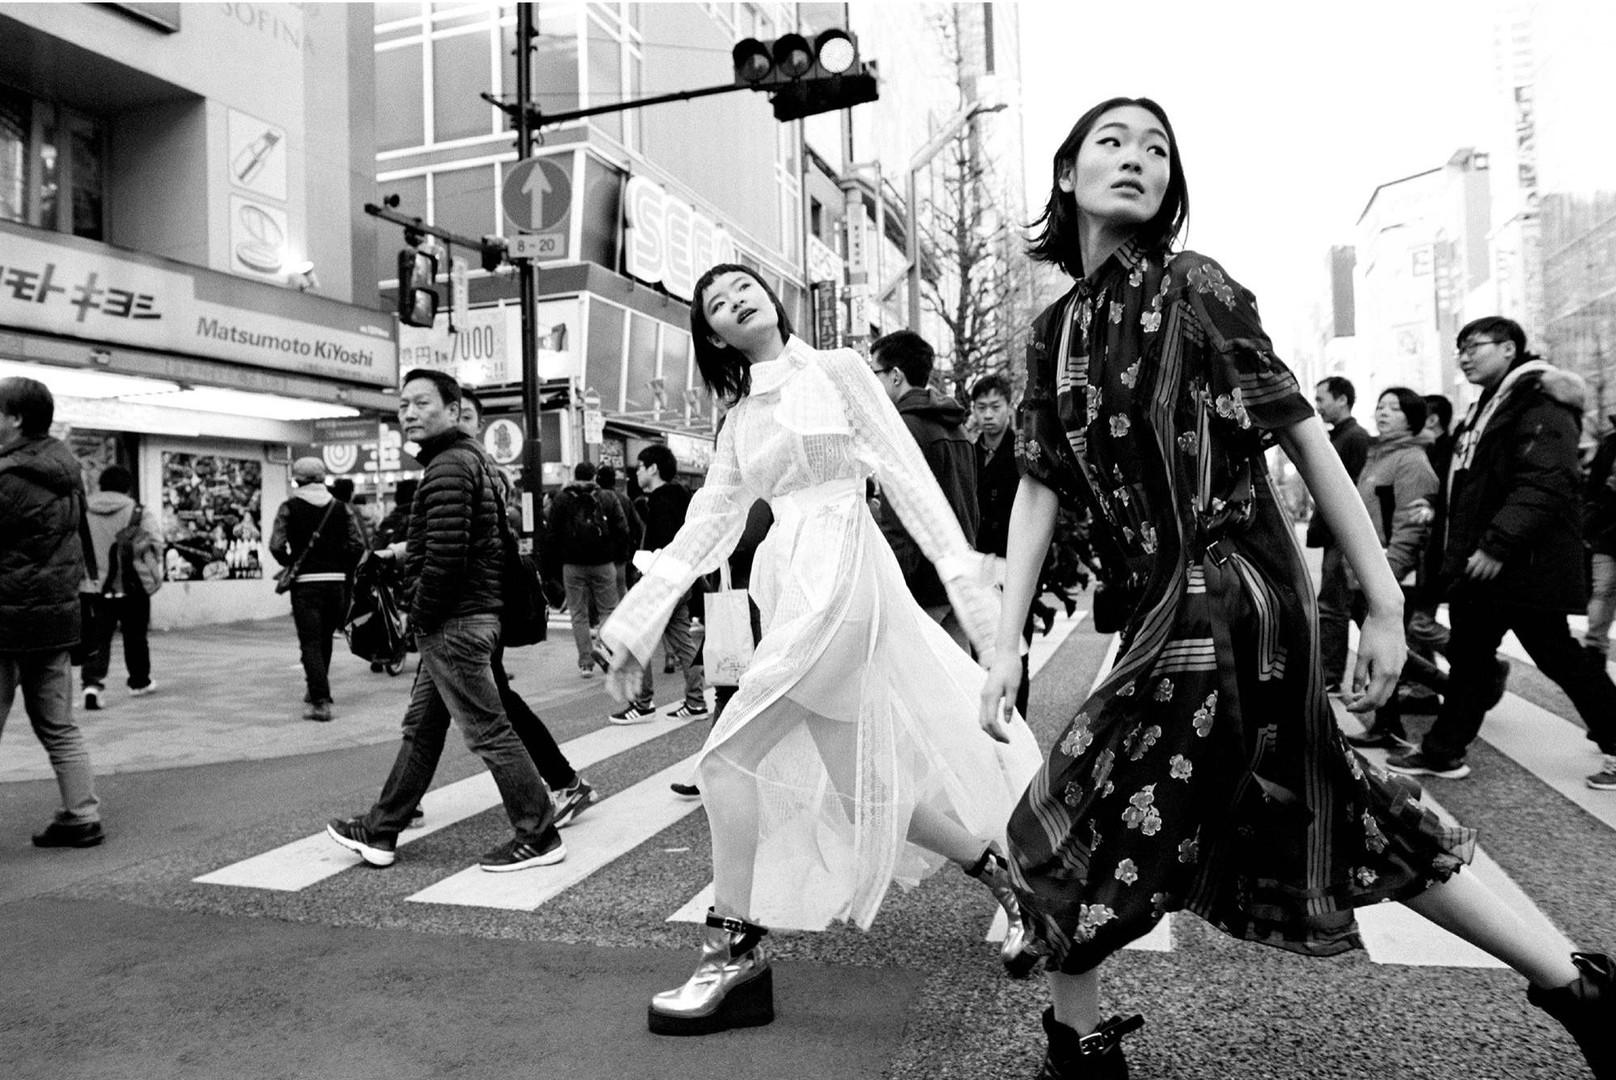 Tokyo | Yelena Yemchuk | 2017